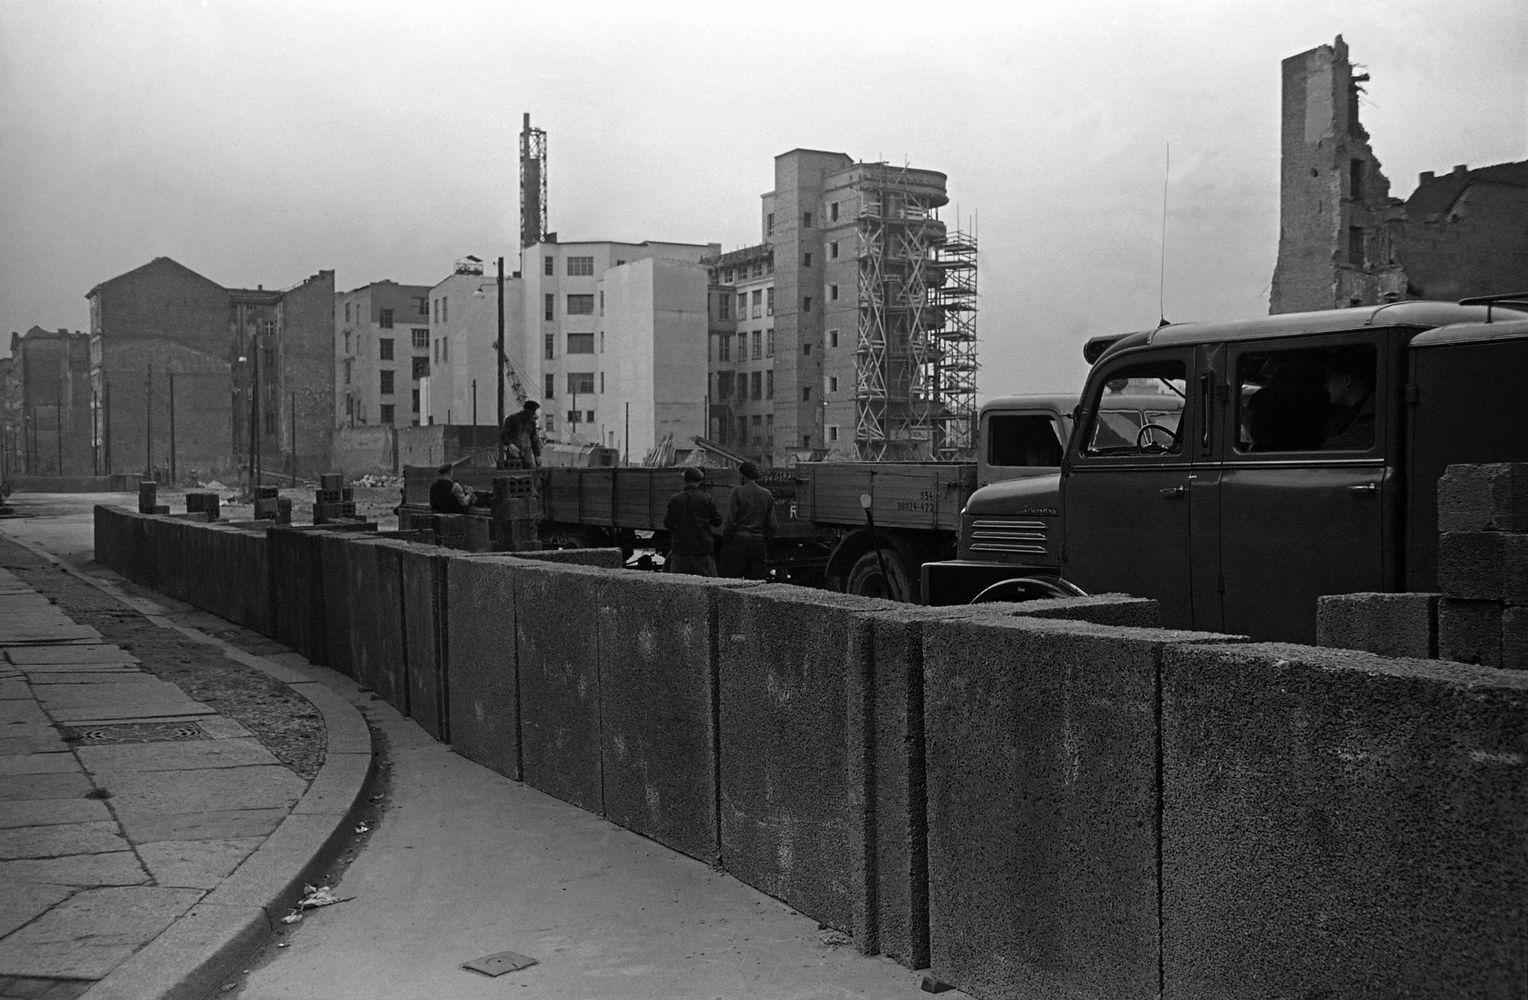 Berlin Abriegelung